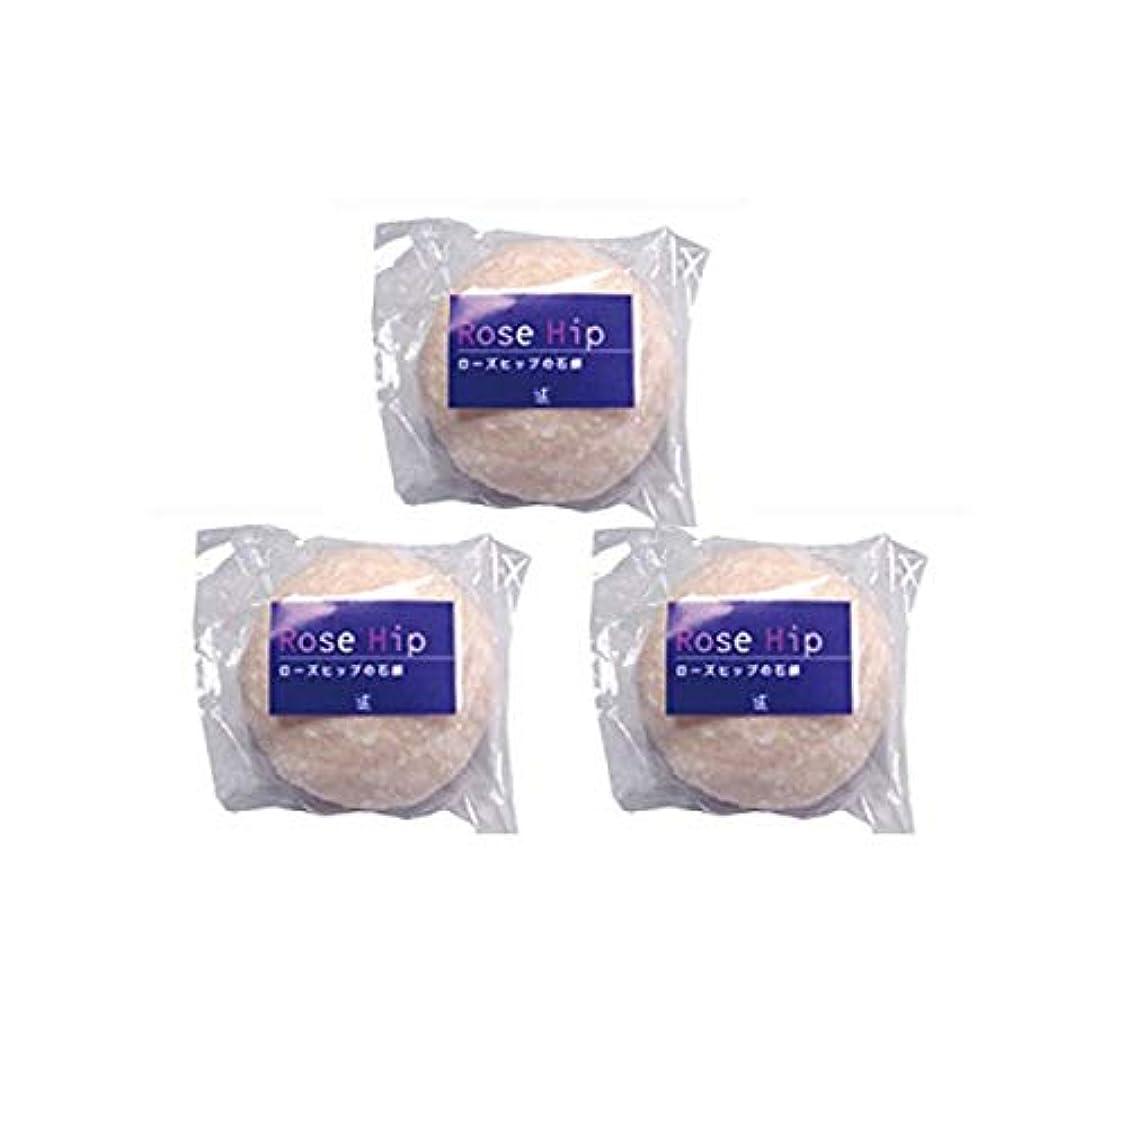 ベンチャーホイストフェード山澤清ローズヒップ石鹸3個セット(70g×3個)スパール山澤清のローズヒップ無添加洗顔石鹸